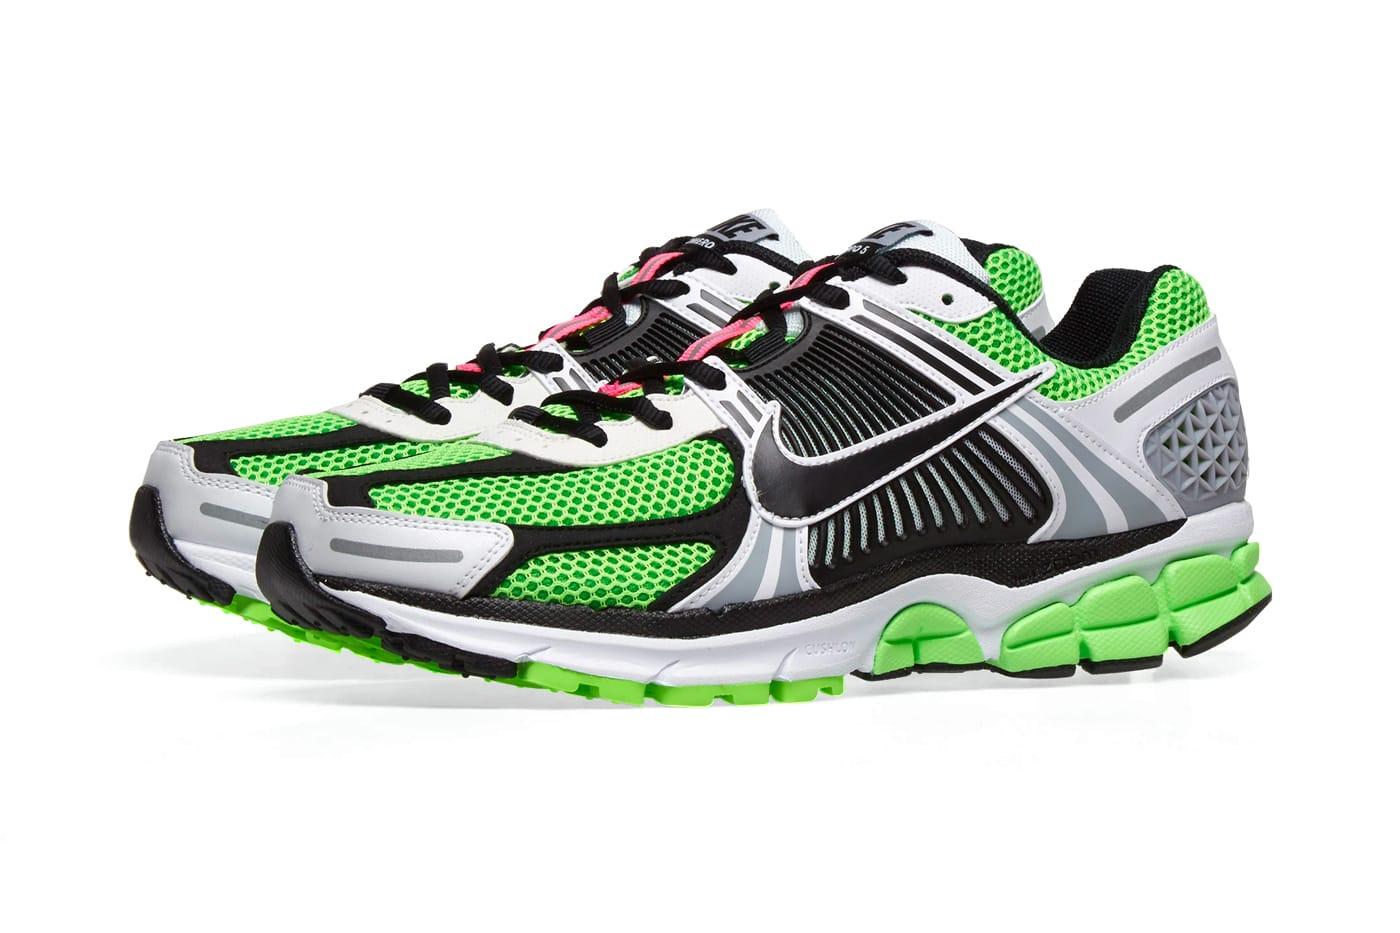 Nike Zoom Vomero +5 New Colorways